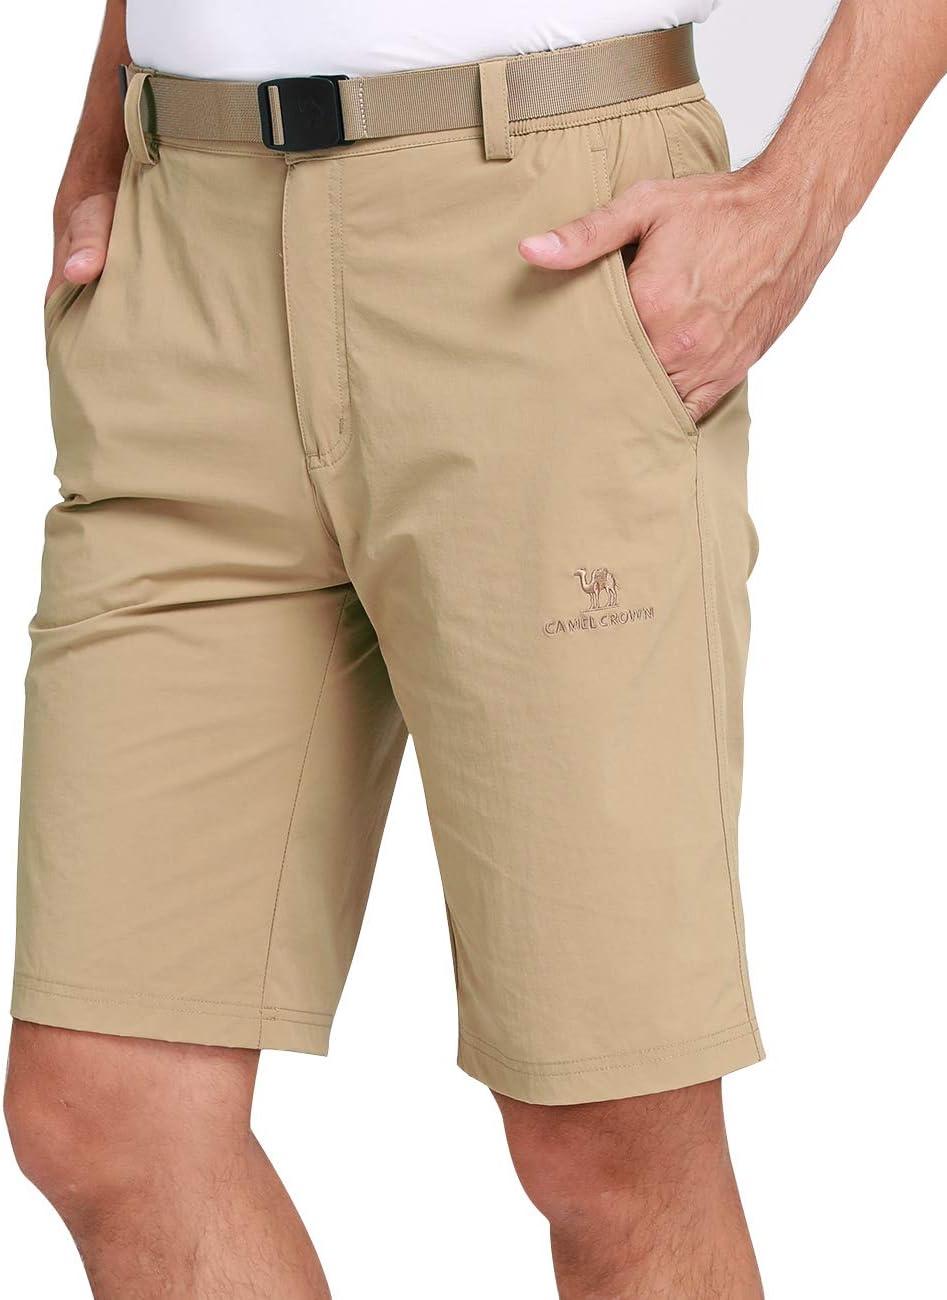 CAMEL CROWN Pantalones Cortos Cargo Hombres Ligeros Pantalones Cortos de Secado R/ápido con El/ástica Cintura para Ocio Viaje Senderismo Ciclismo Exteriores